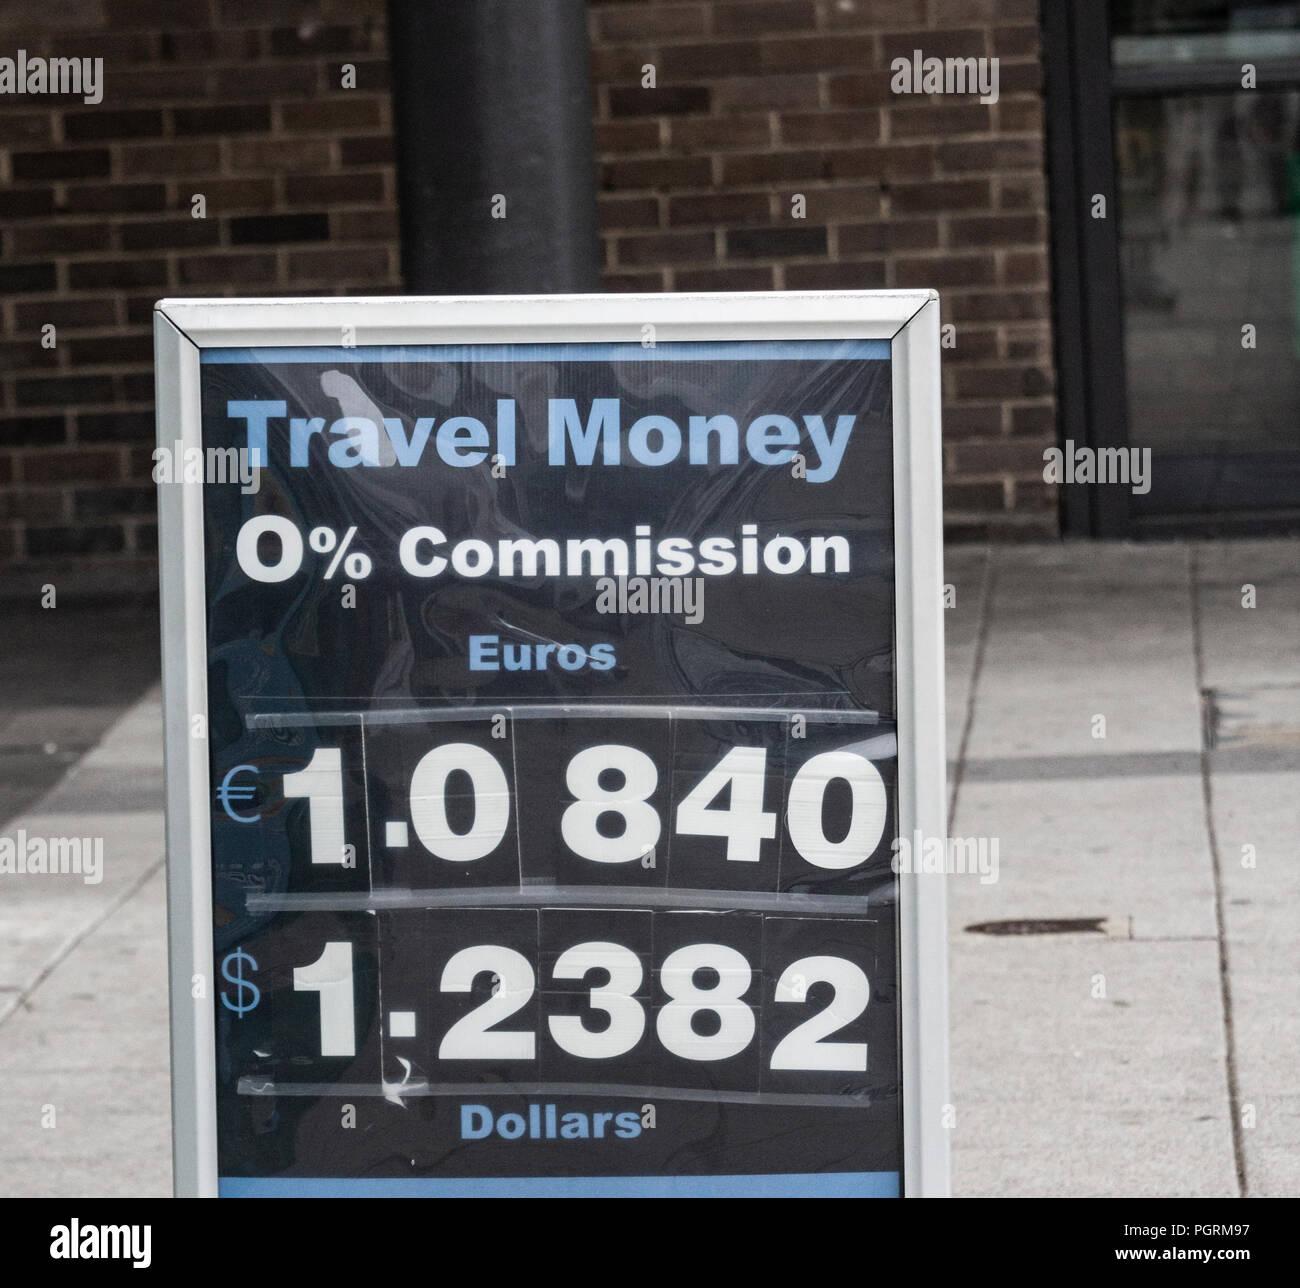 Tavel denaro, Euro e Dollari, tasso di cambio contro sterlina. Segno esterno high street lo scambio di denaro. Regno Unito. Agosto 2018 Immagini Stock